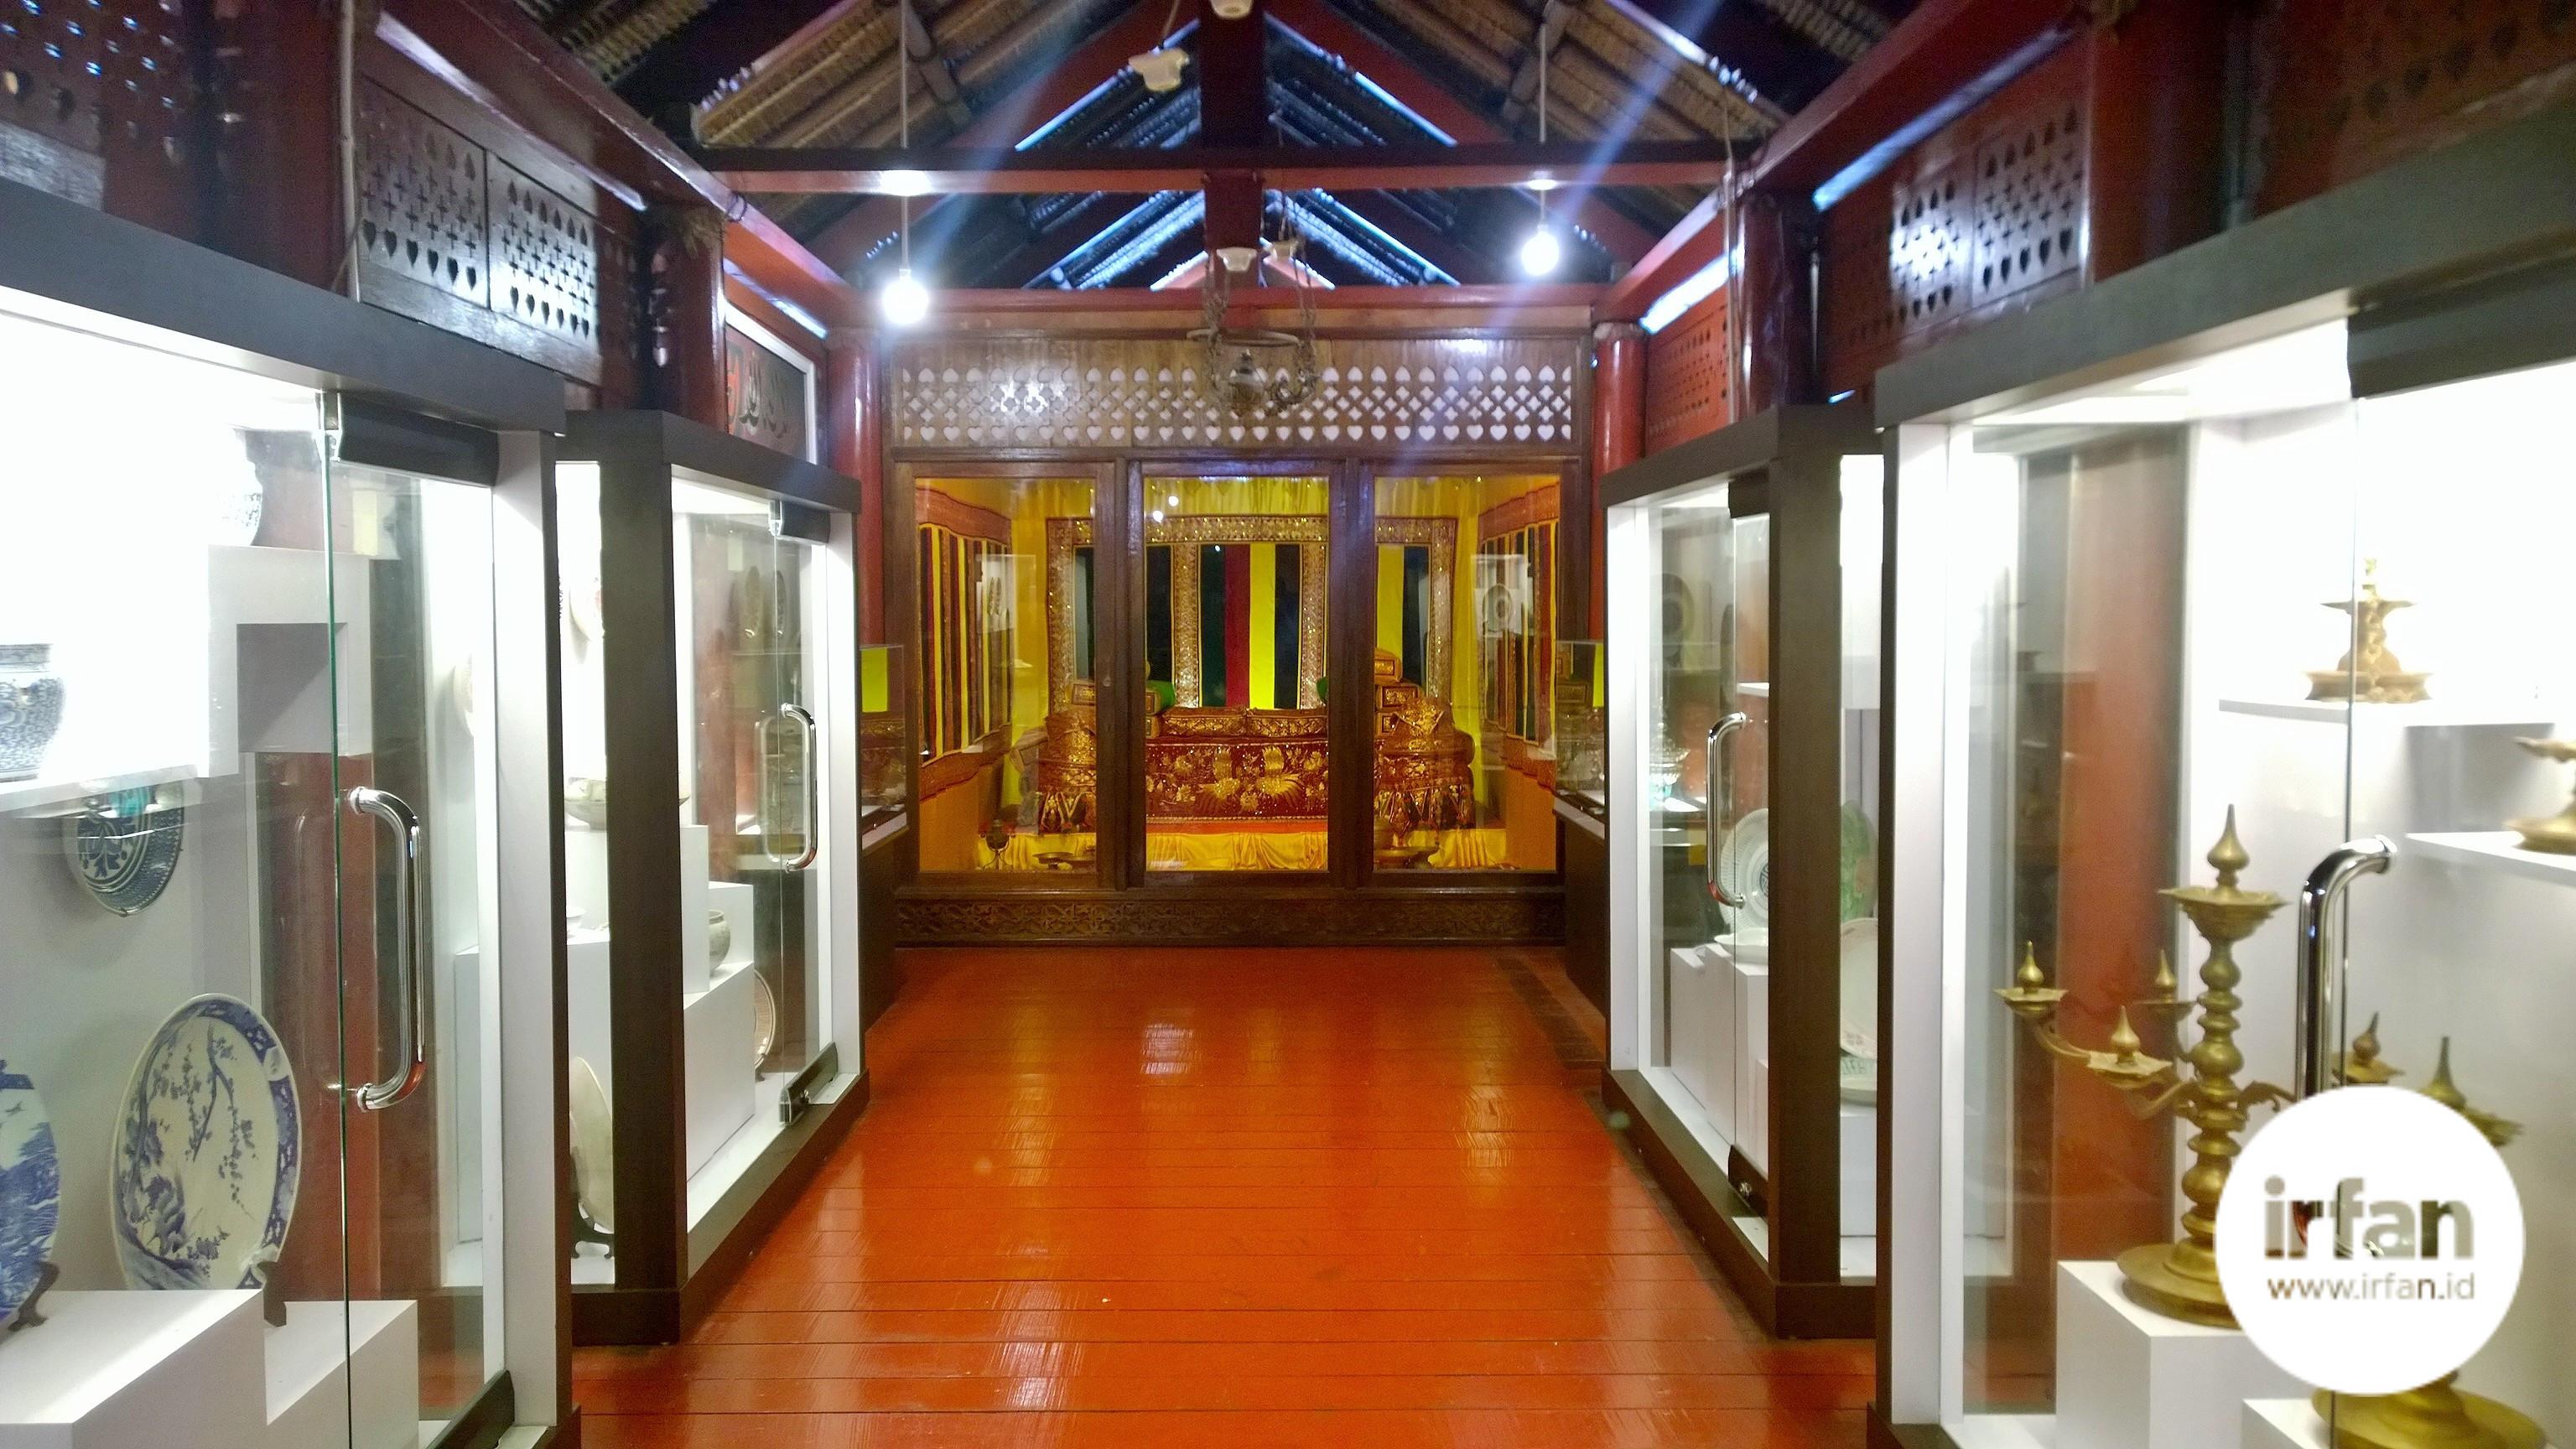 FOTO: Museum Negeri Aceh, Wisata Sejarah Yang Wajib Dikunjungi 45